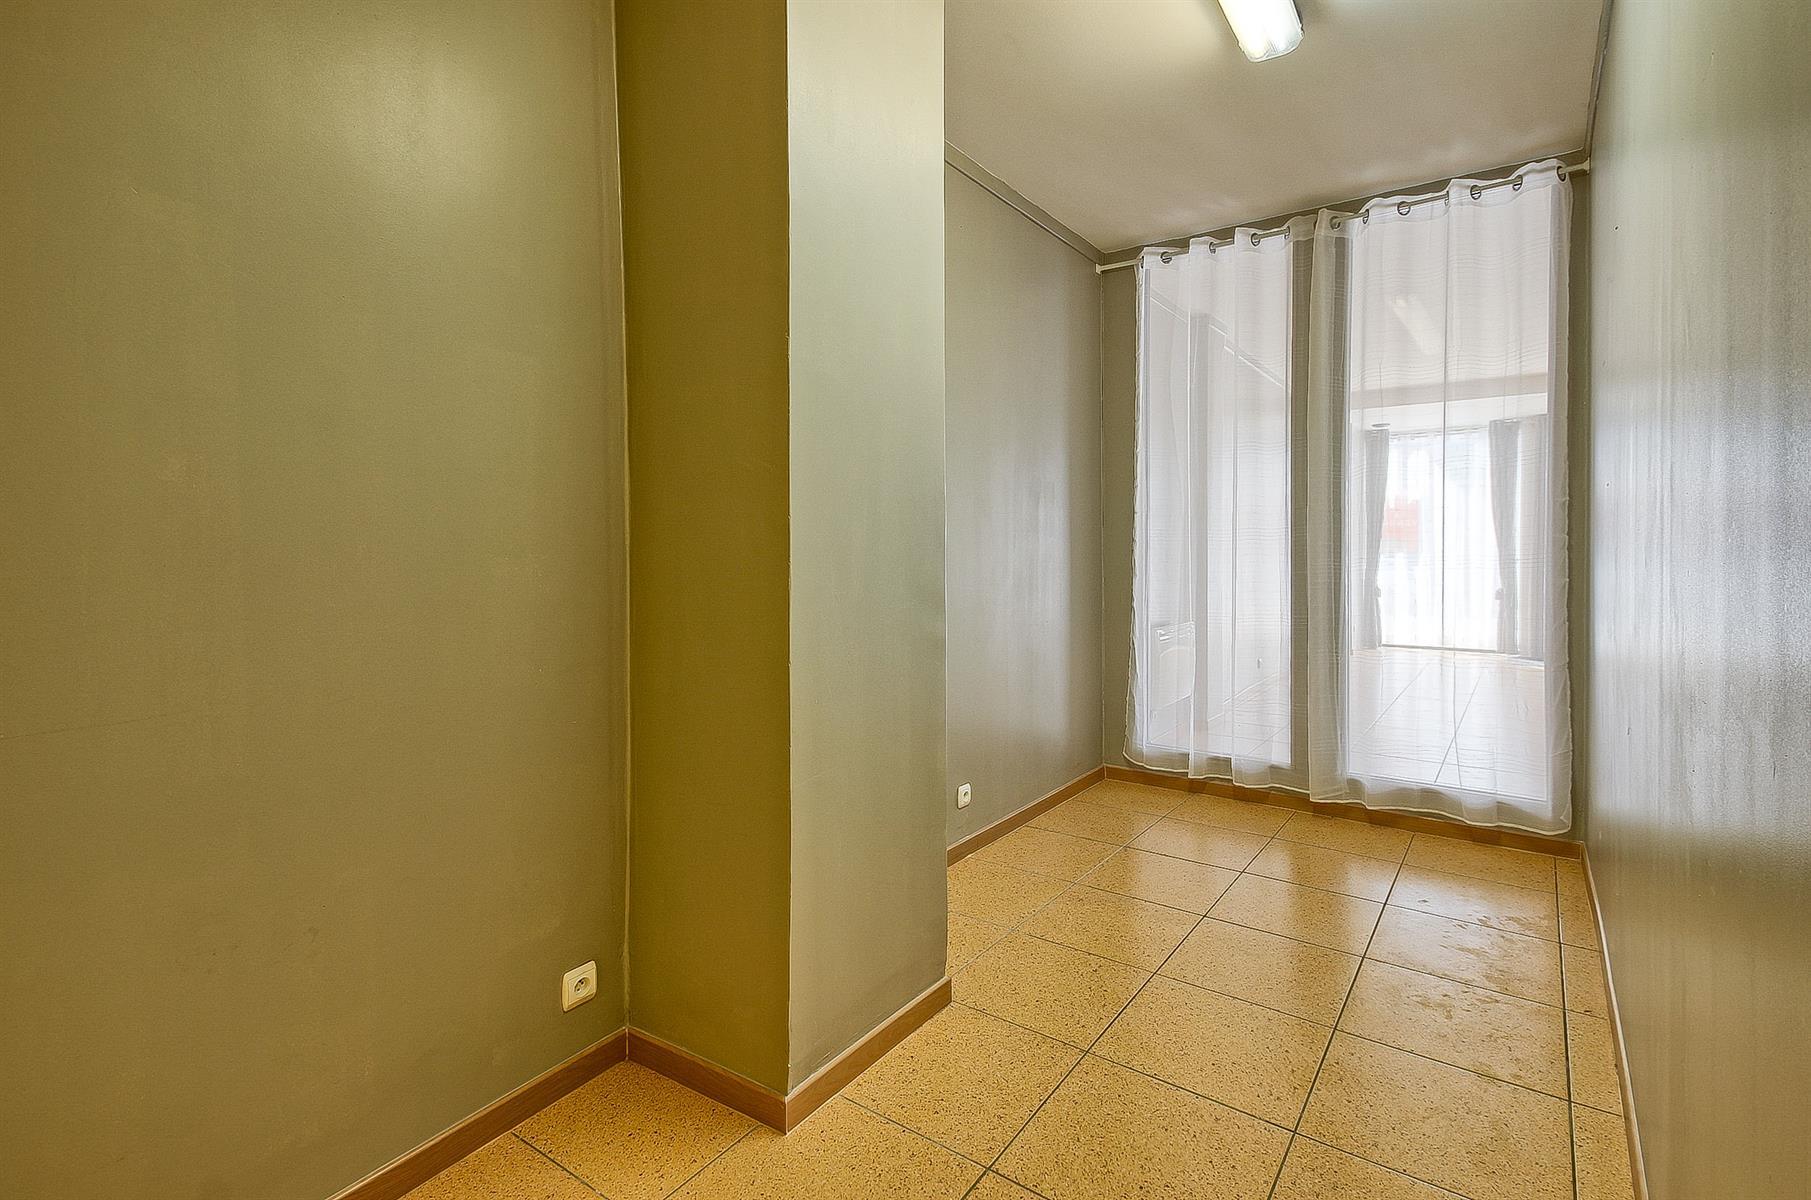 Appartement - Rochefort - #4350387-10